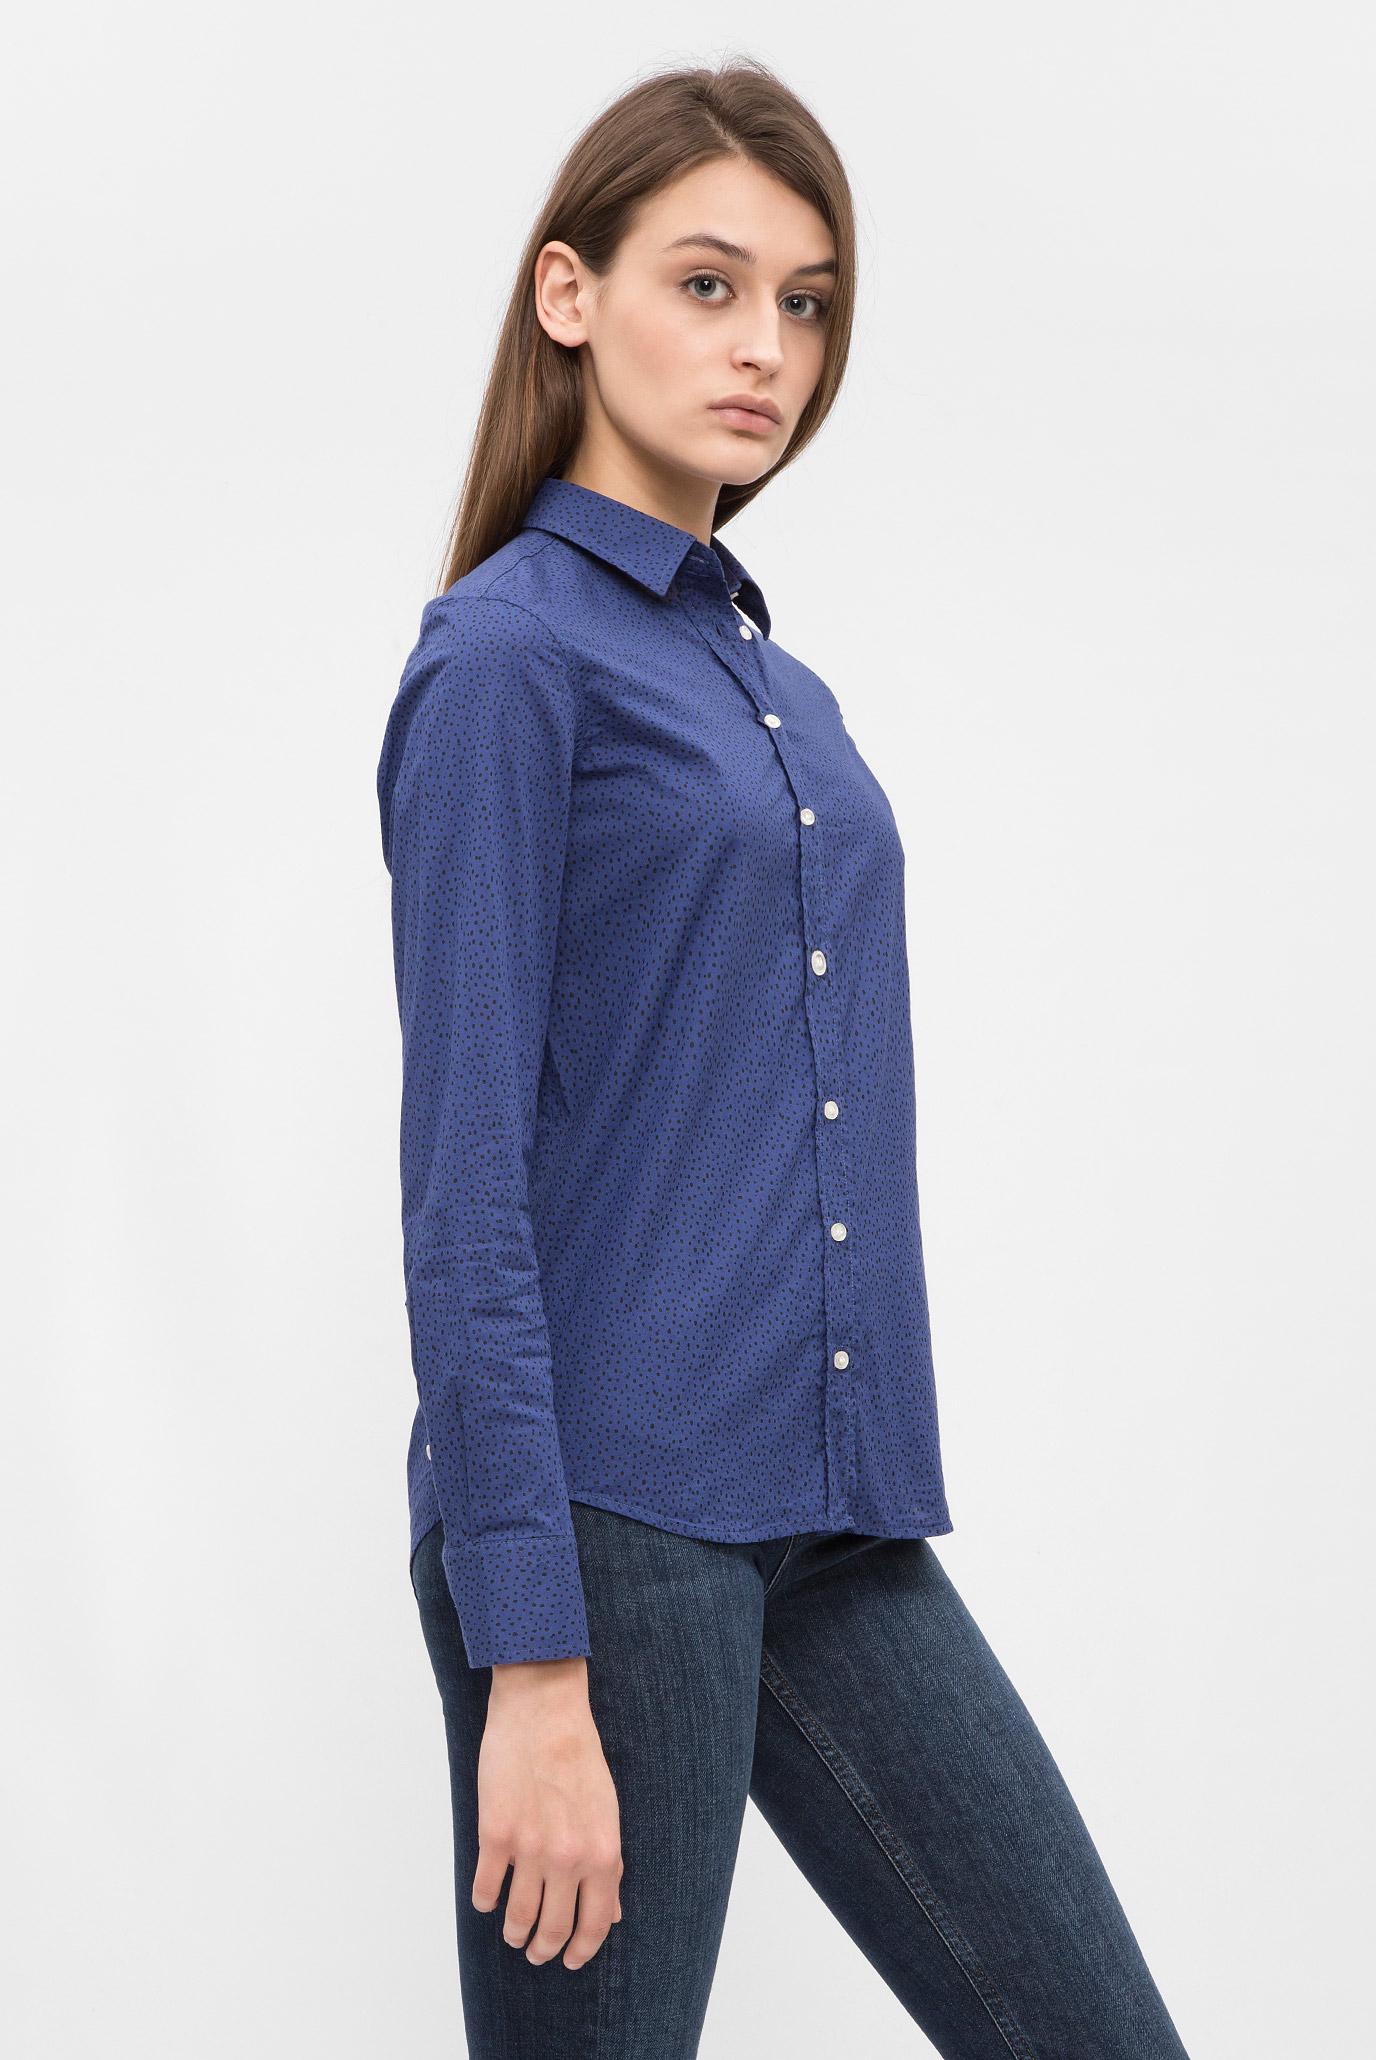 Купить Женская синяя рубашка Gant Gant 4320032 – Киев, Украина. Цены в интернет магазине MD Fashion